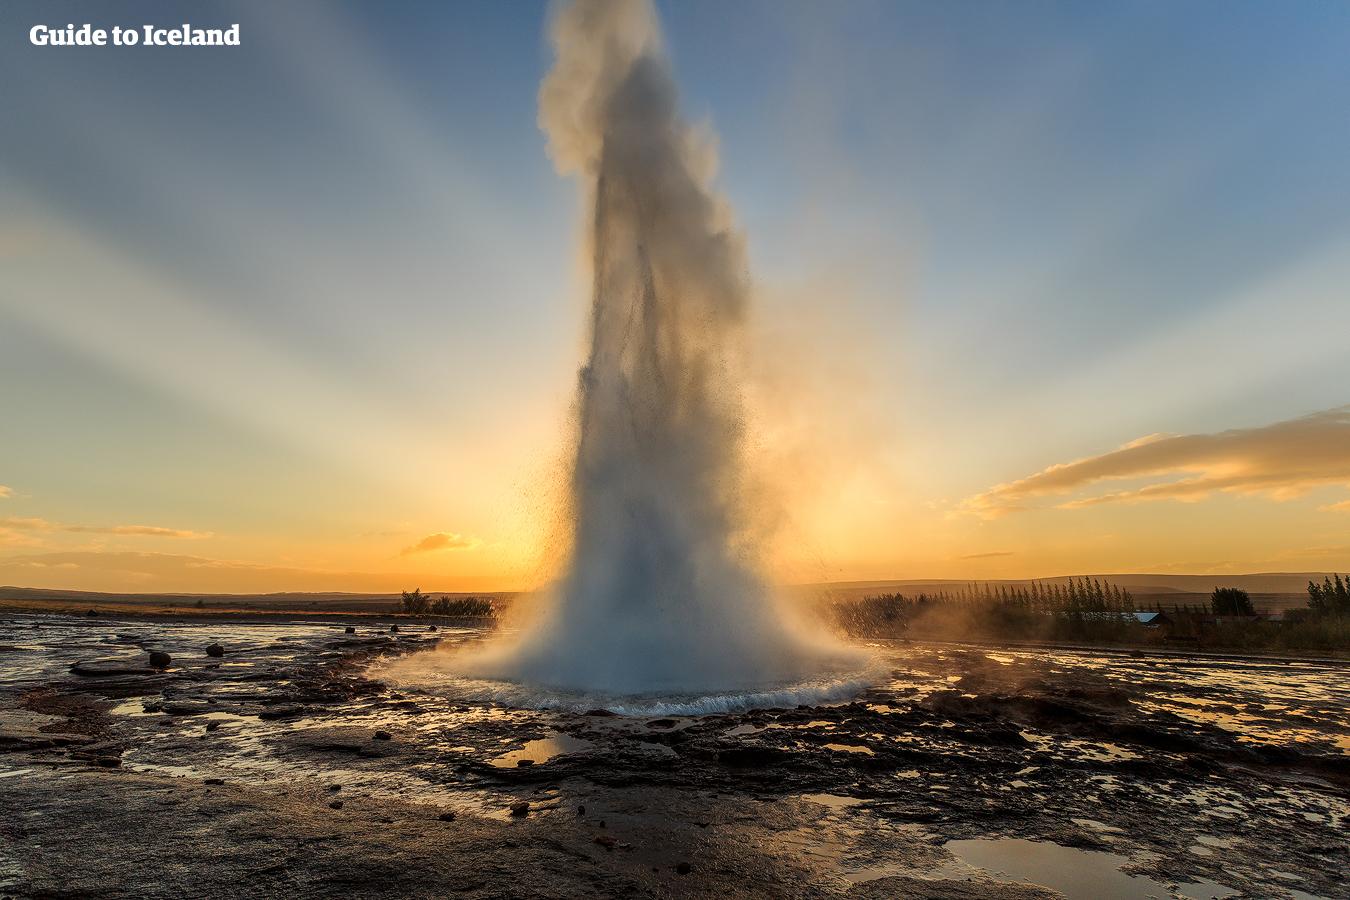 Gejseren Strokkur i dramatisk udbrud i solopgangen.